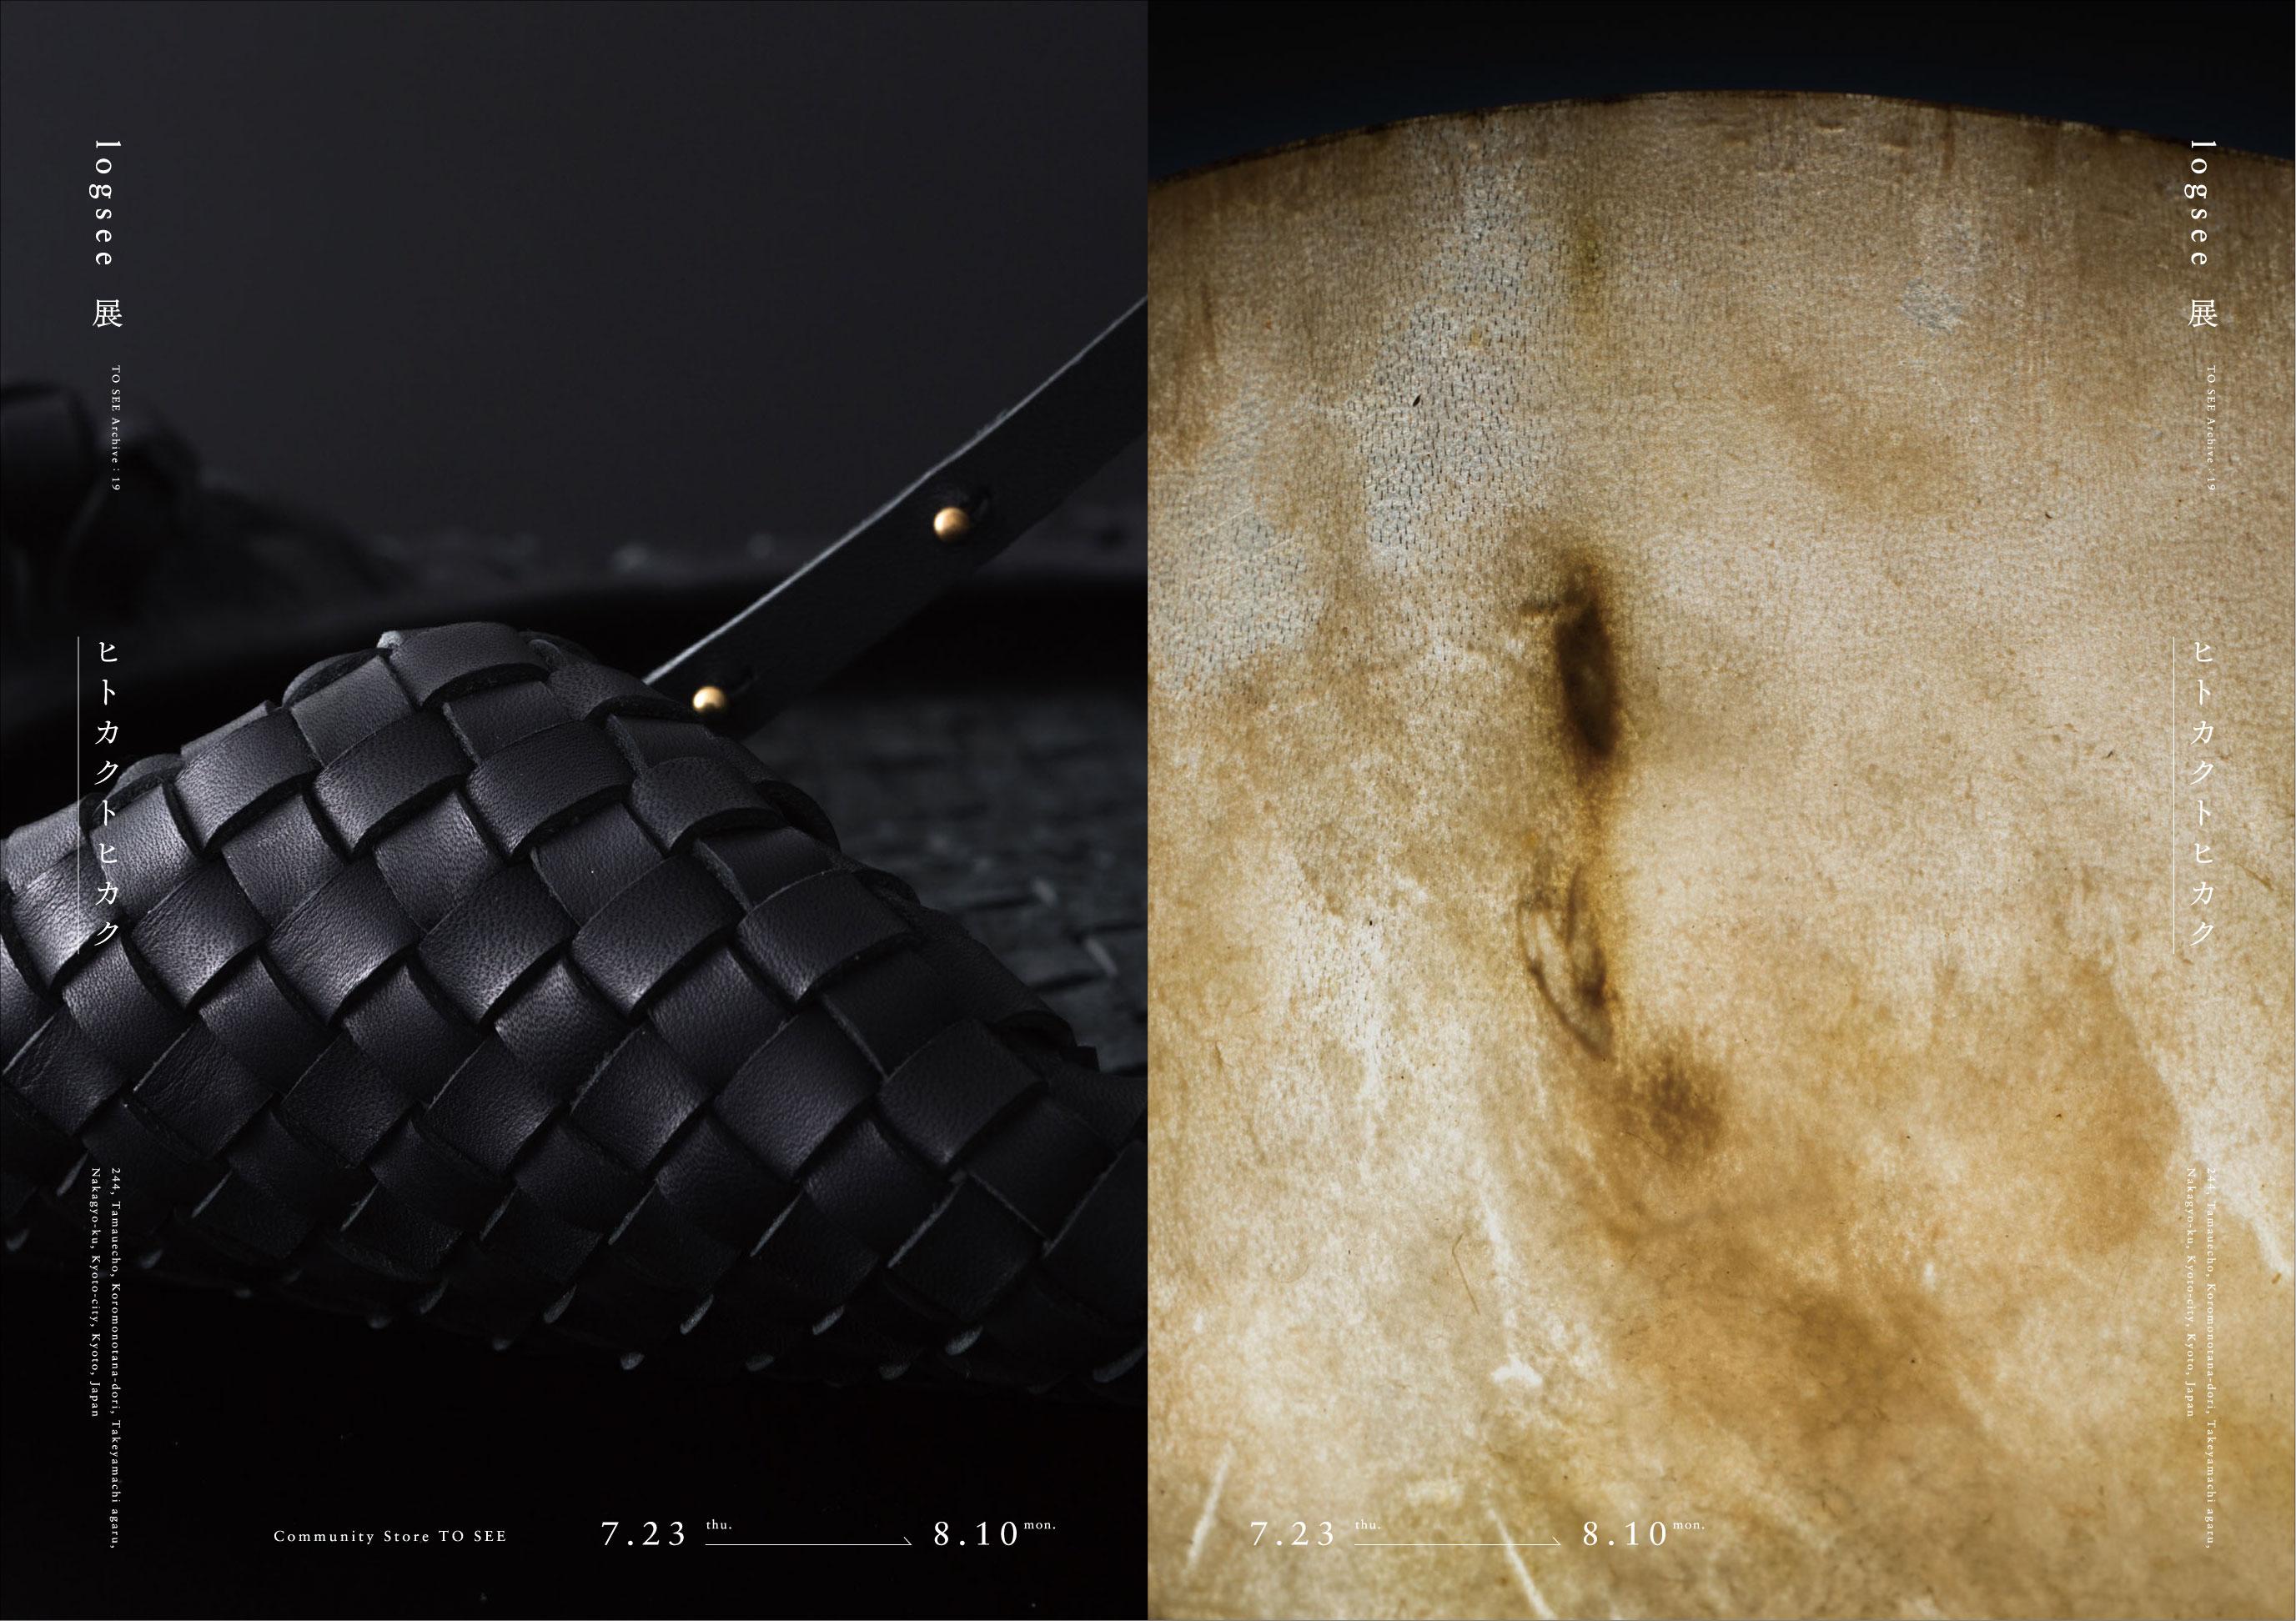 企画展《TO SEE Archive:19》 <br>logsee 展<br>『ヒトカクトヒカク』